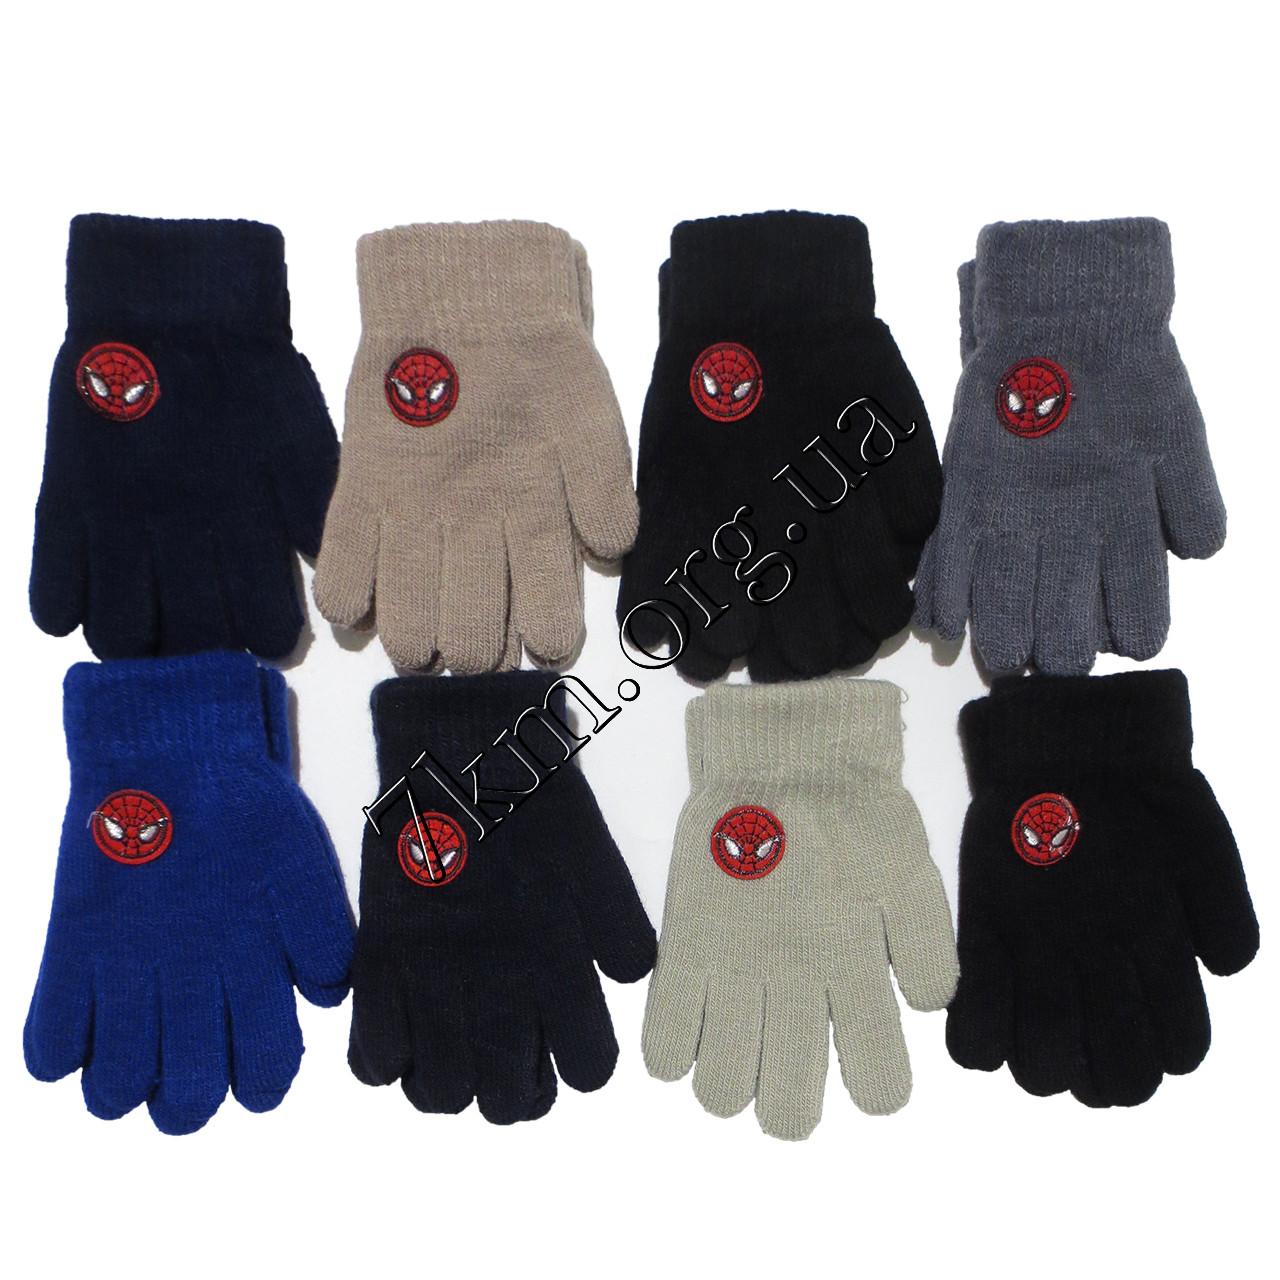 Перчатки детские одинарные +начес для мальчиков 3-5 лет Оптом 5011 S